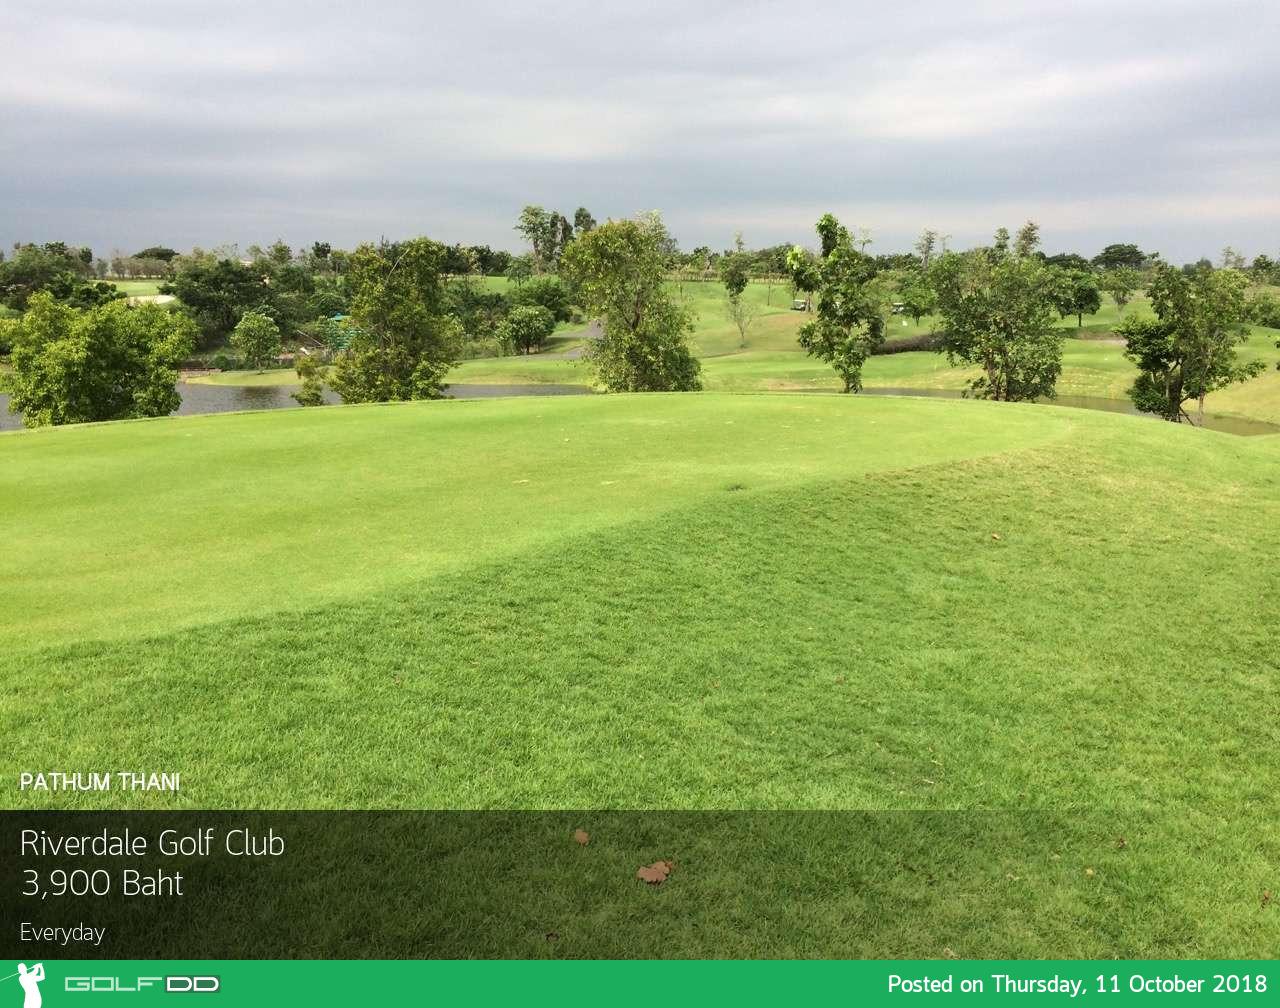 Riverdale Golf Club จองผ่านกอล์ฟดีดี ทั้งวัน ทุกวัน..!!